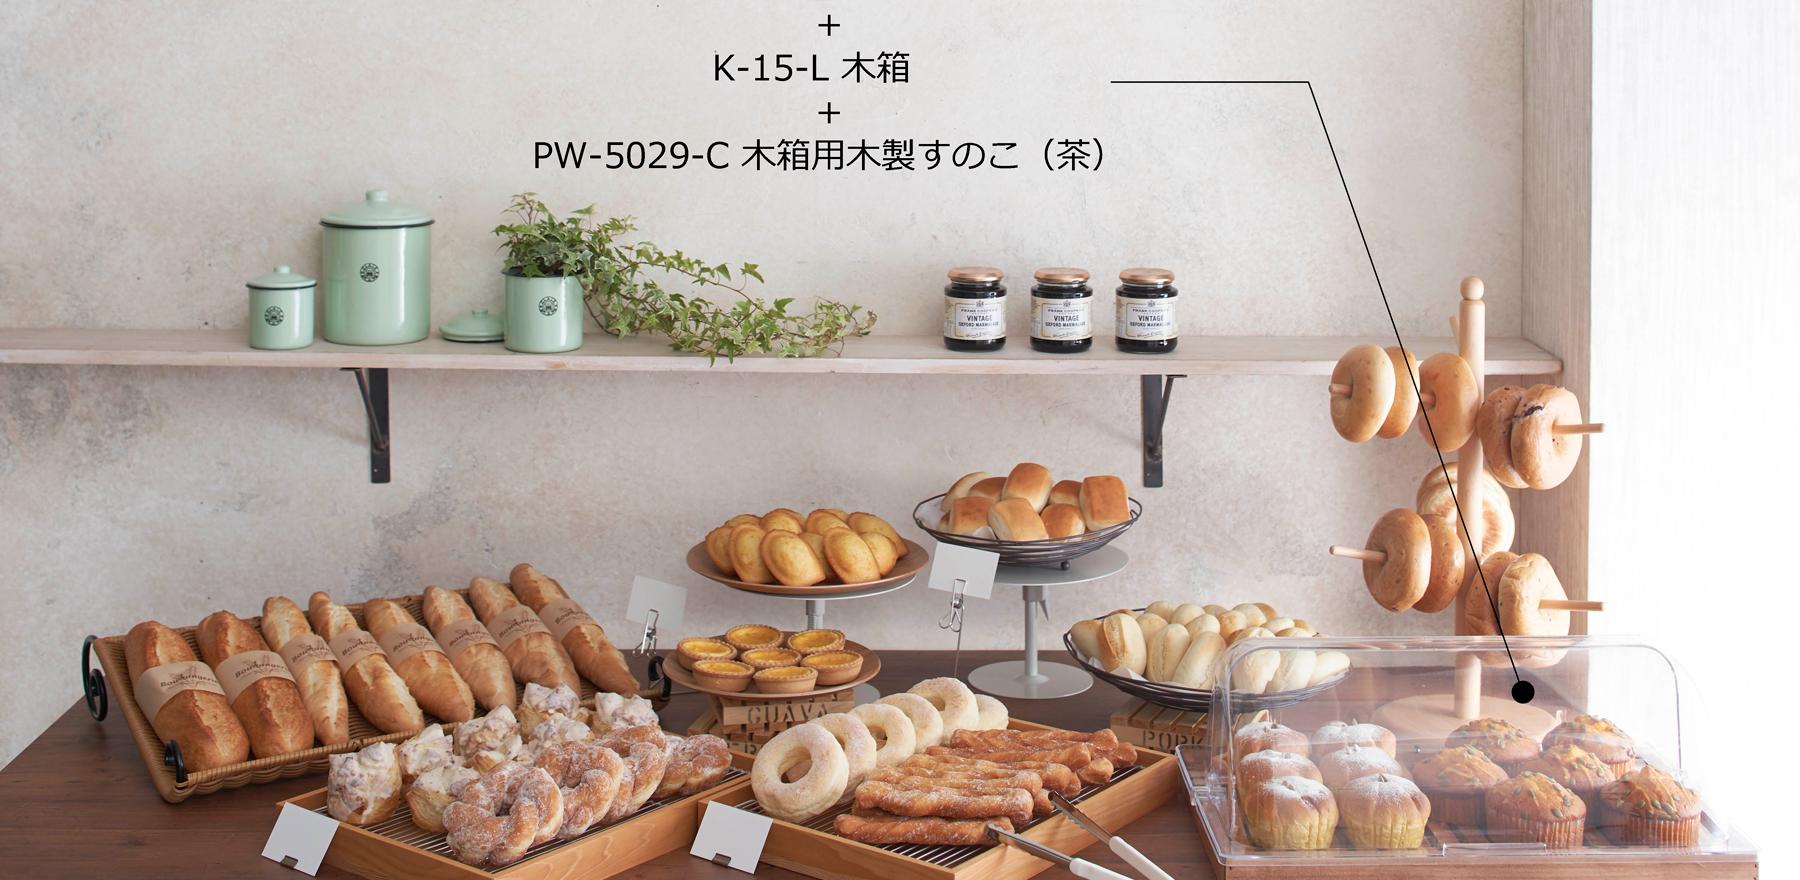 No46カタログ P8,9掲載